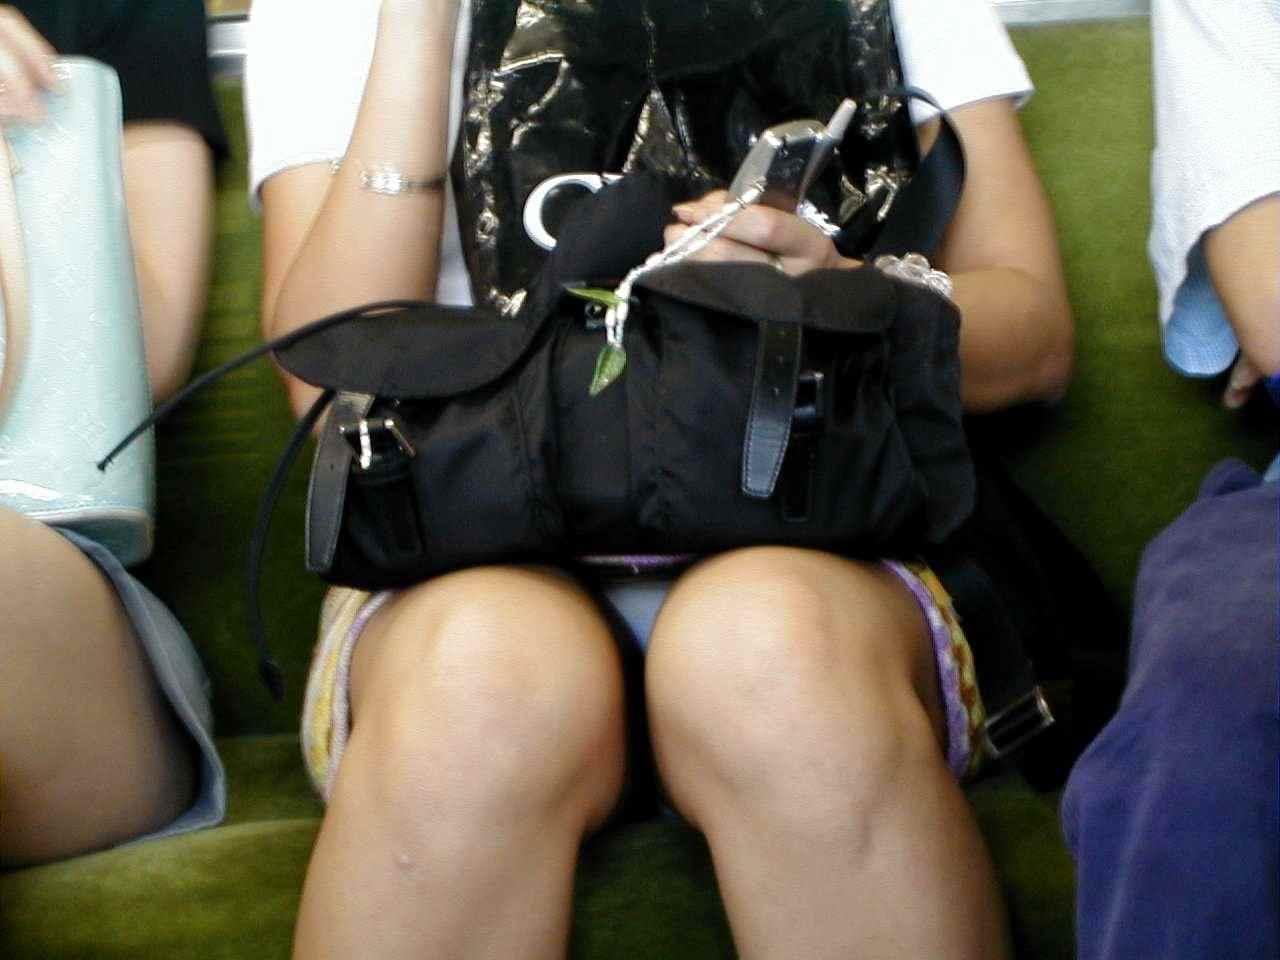 電車のシートに座って油断してる素人娘たちの股間から覗くパンチラ画像 1739